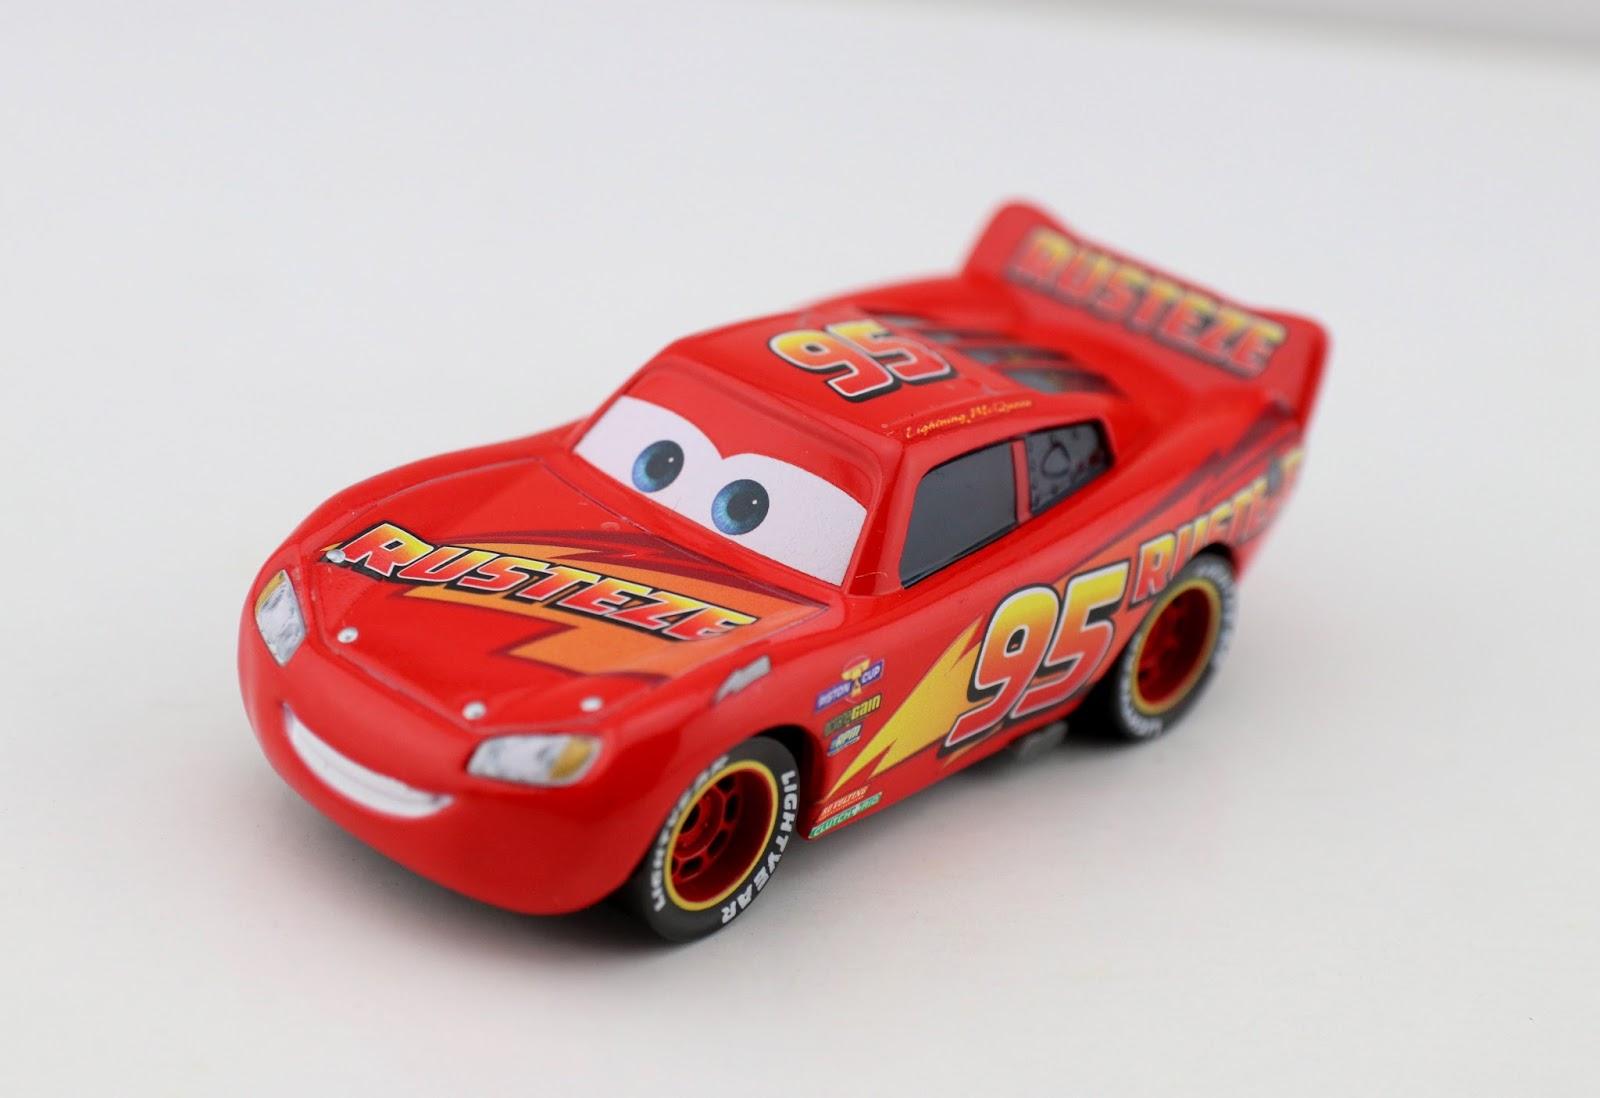 Cozy Dan The Pixar Fan Cars 3 Rust Eze Lightning Mcqueen Castrophotos